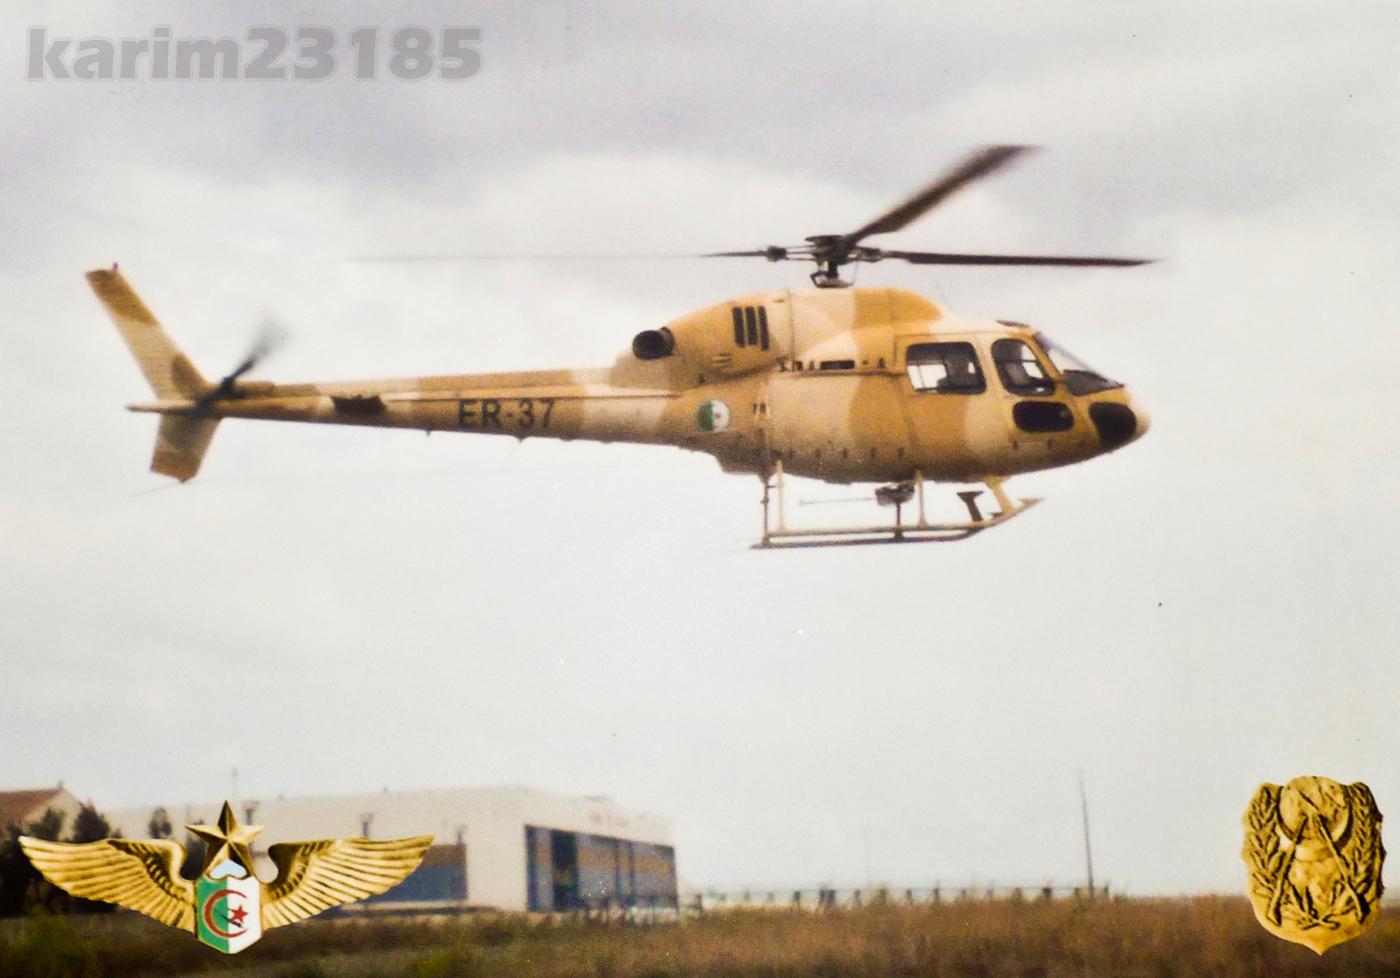 صور مروحيات القوات الجوية الجزائرية Ecureuil/Fennec ] AS-355N2 / AS-555N ] - صفحة 2 26029257841_f52bcb25c7_o